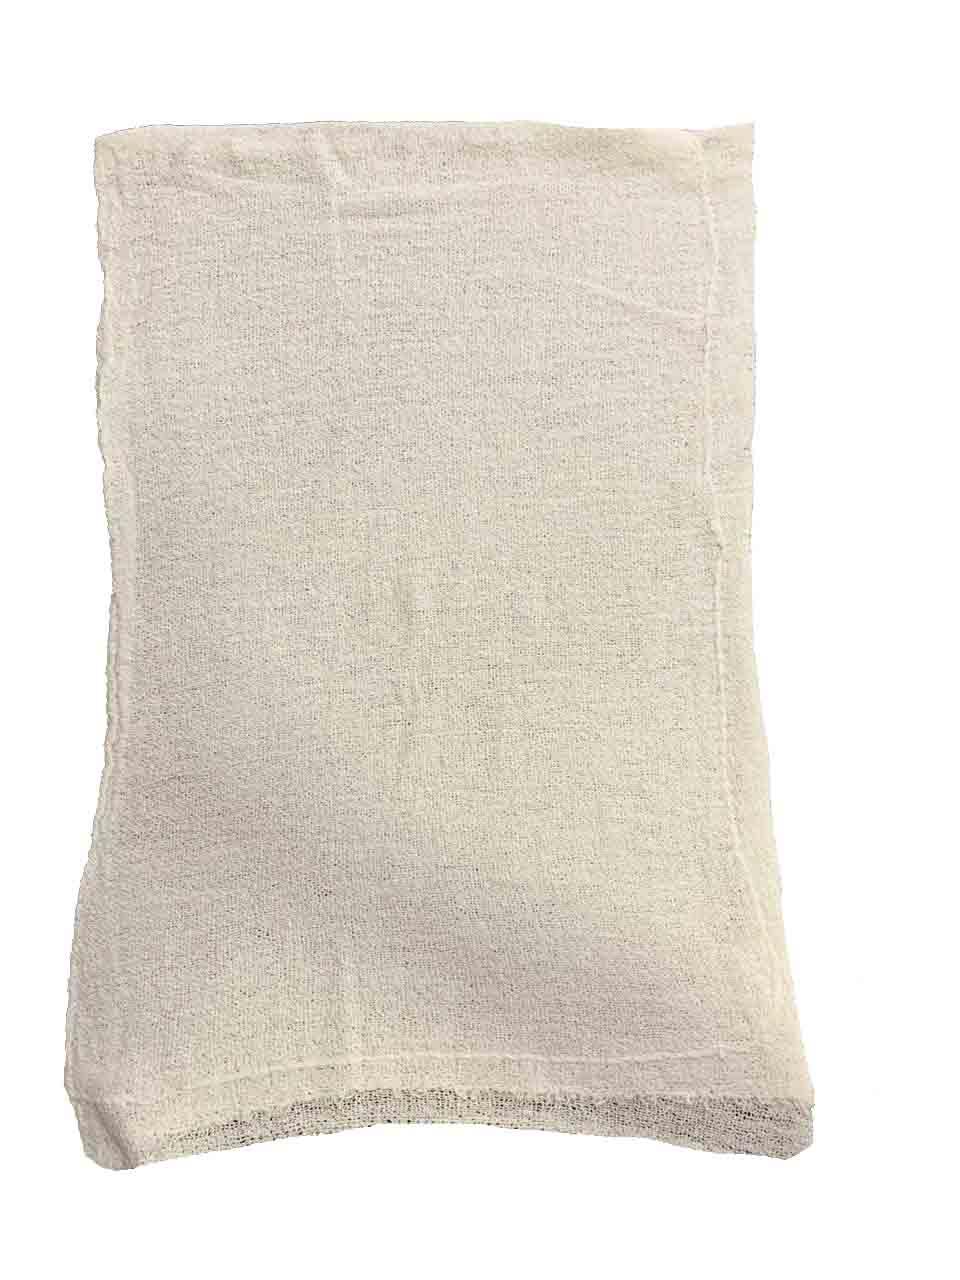 Pano de Chão Alvejado Branco Fábrica 10 - Kit com 100 Peças ESPECIAL ATACADO